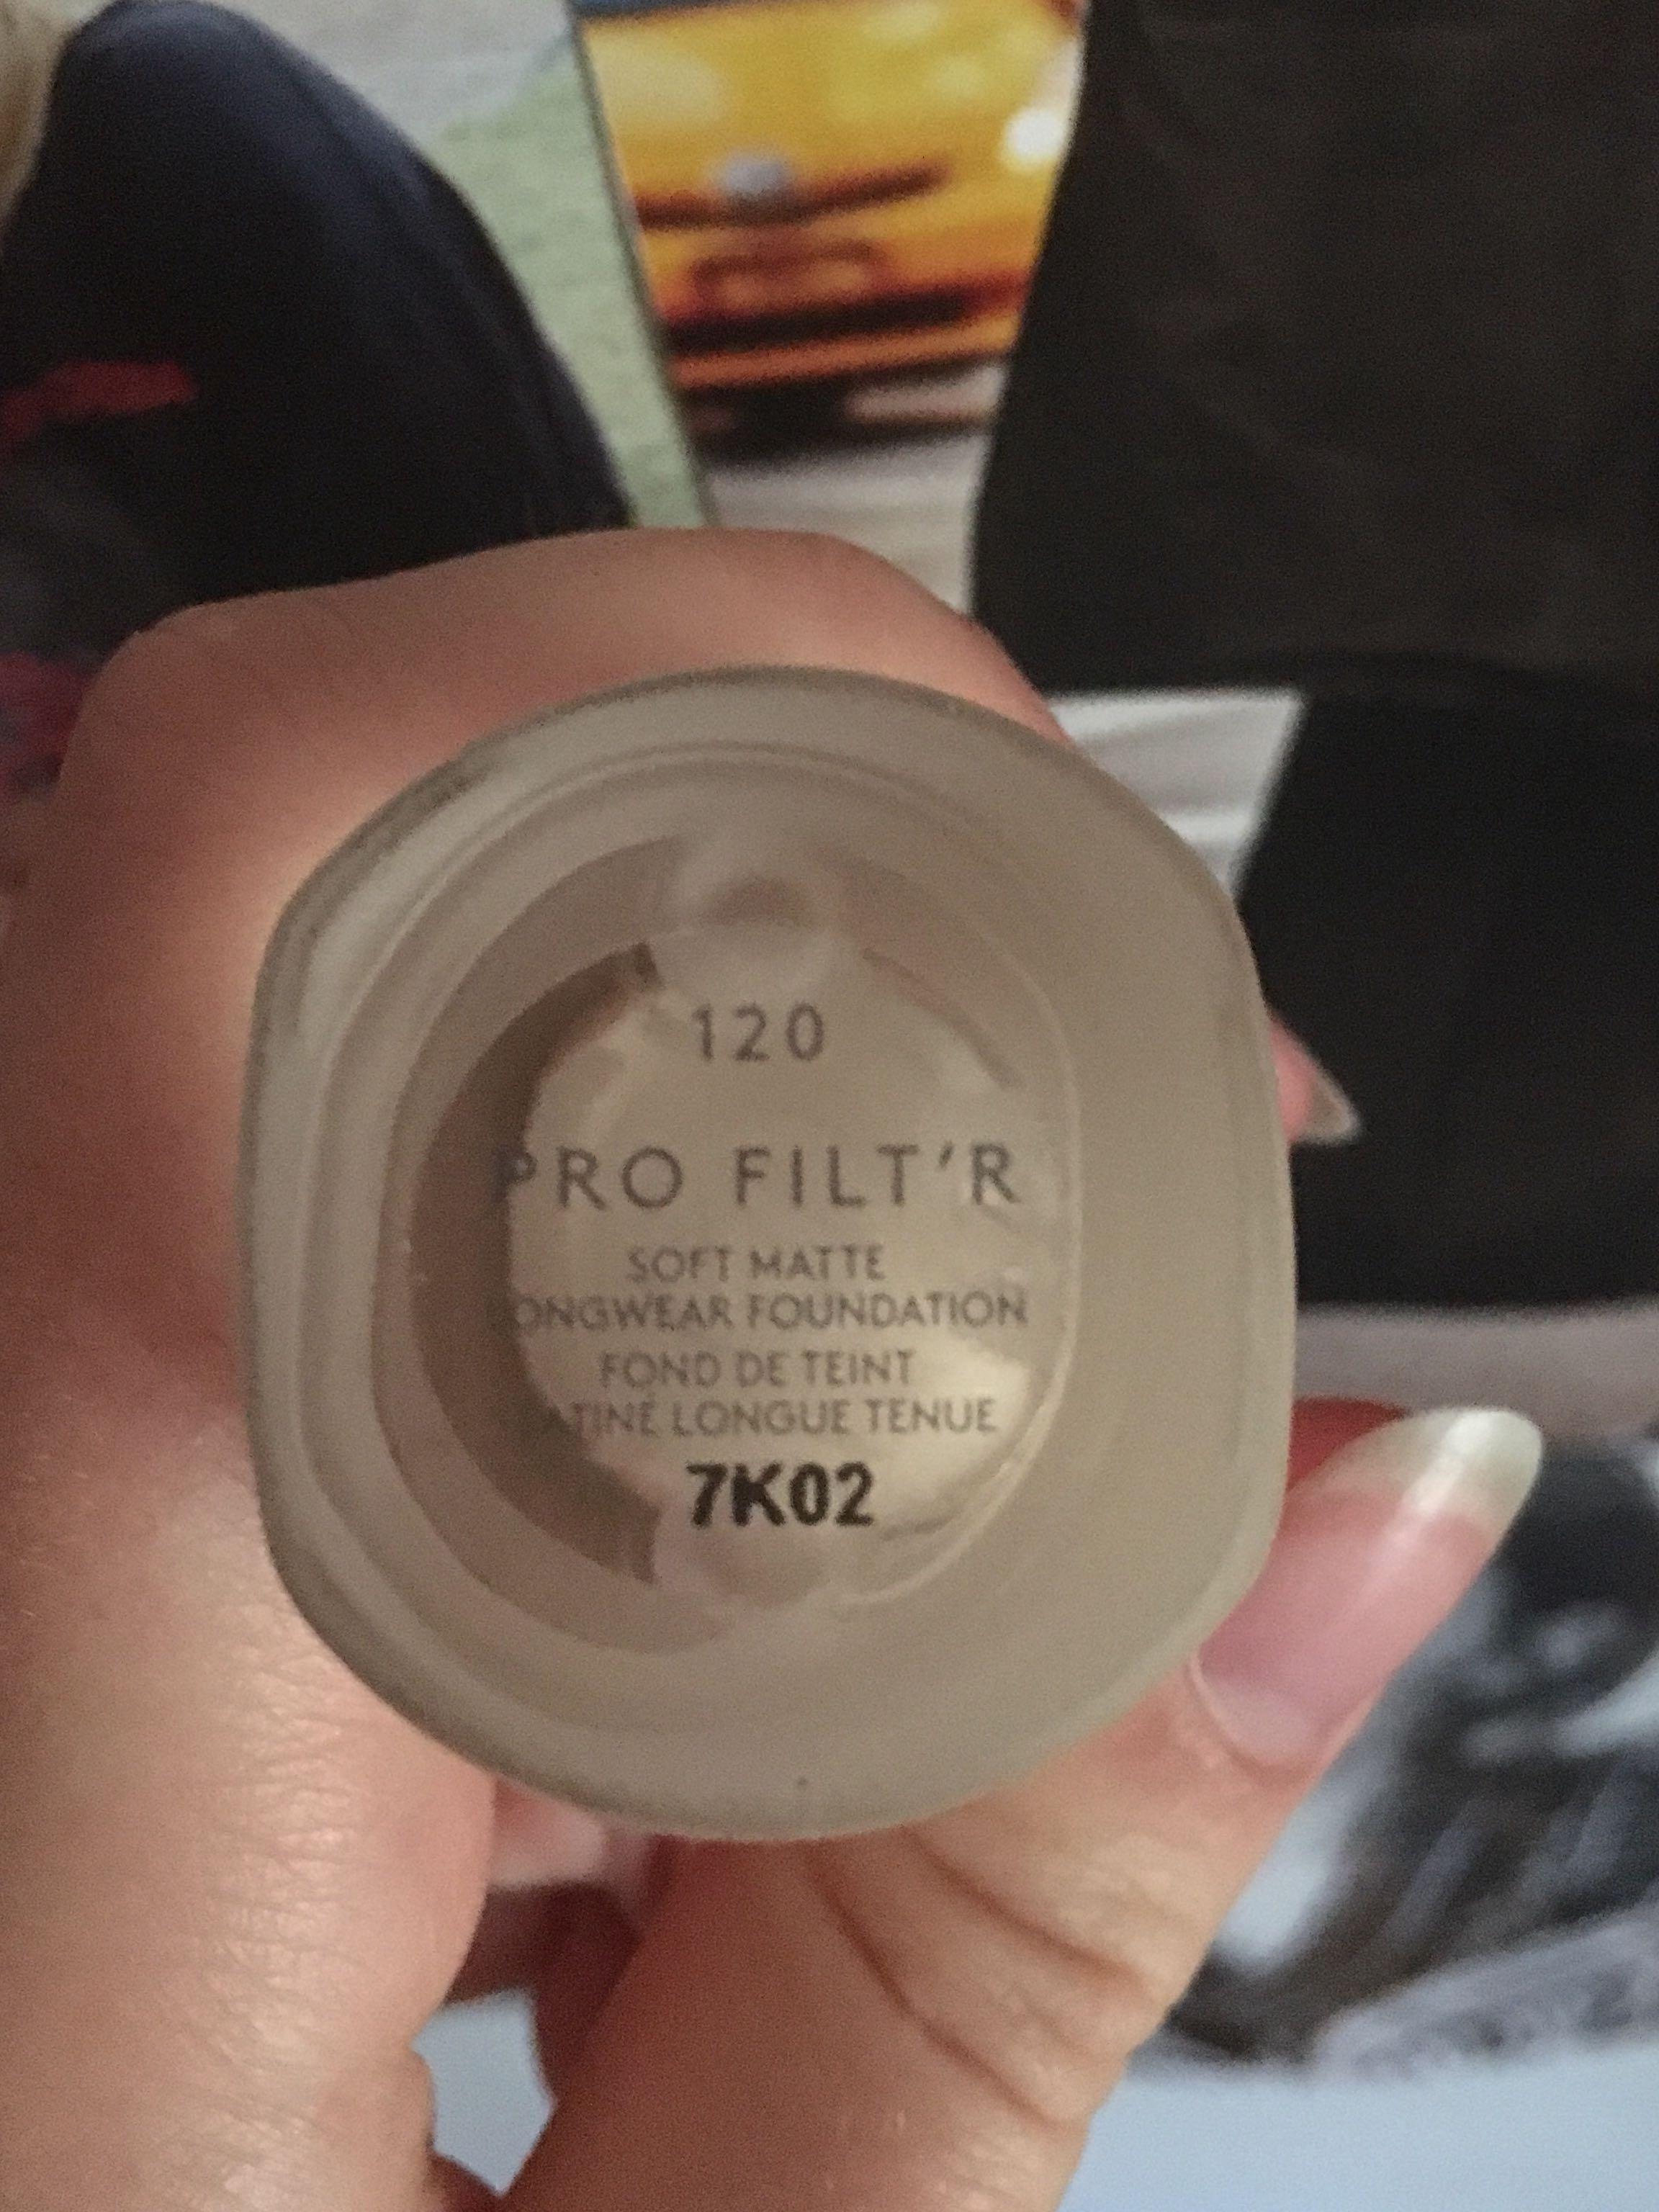 Fenty Beauty Pro Filt'r Soft Matte Longwear Foundation shade 120